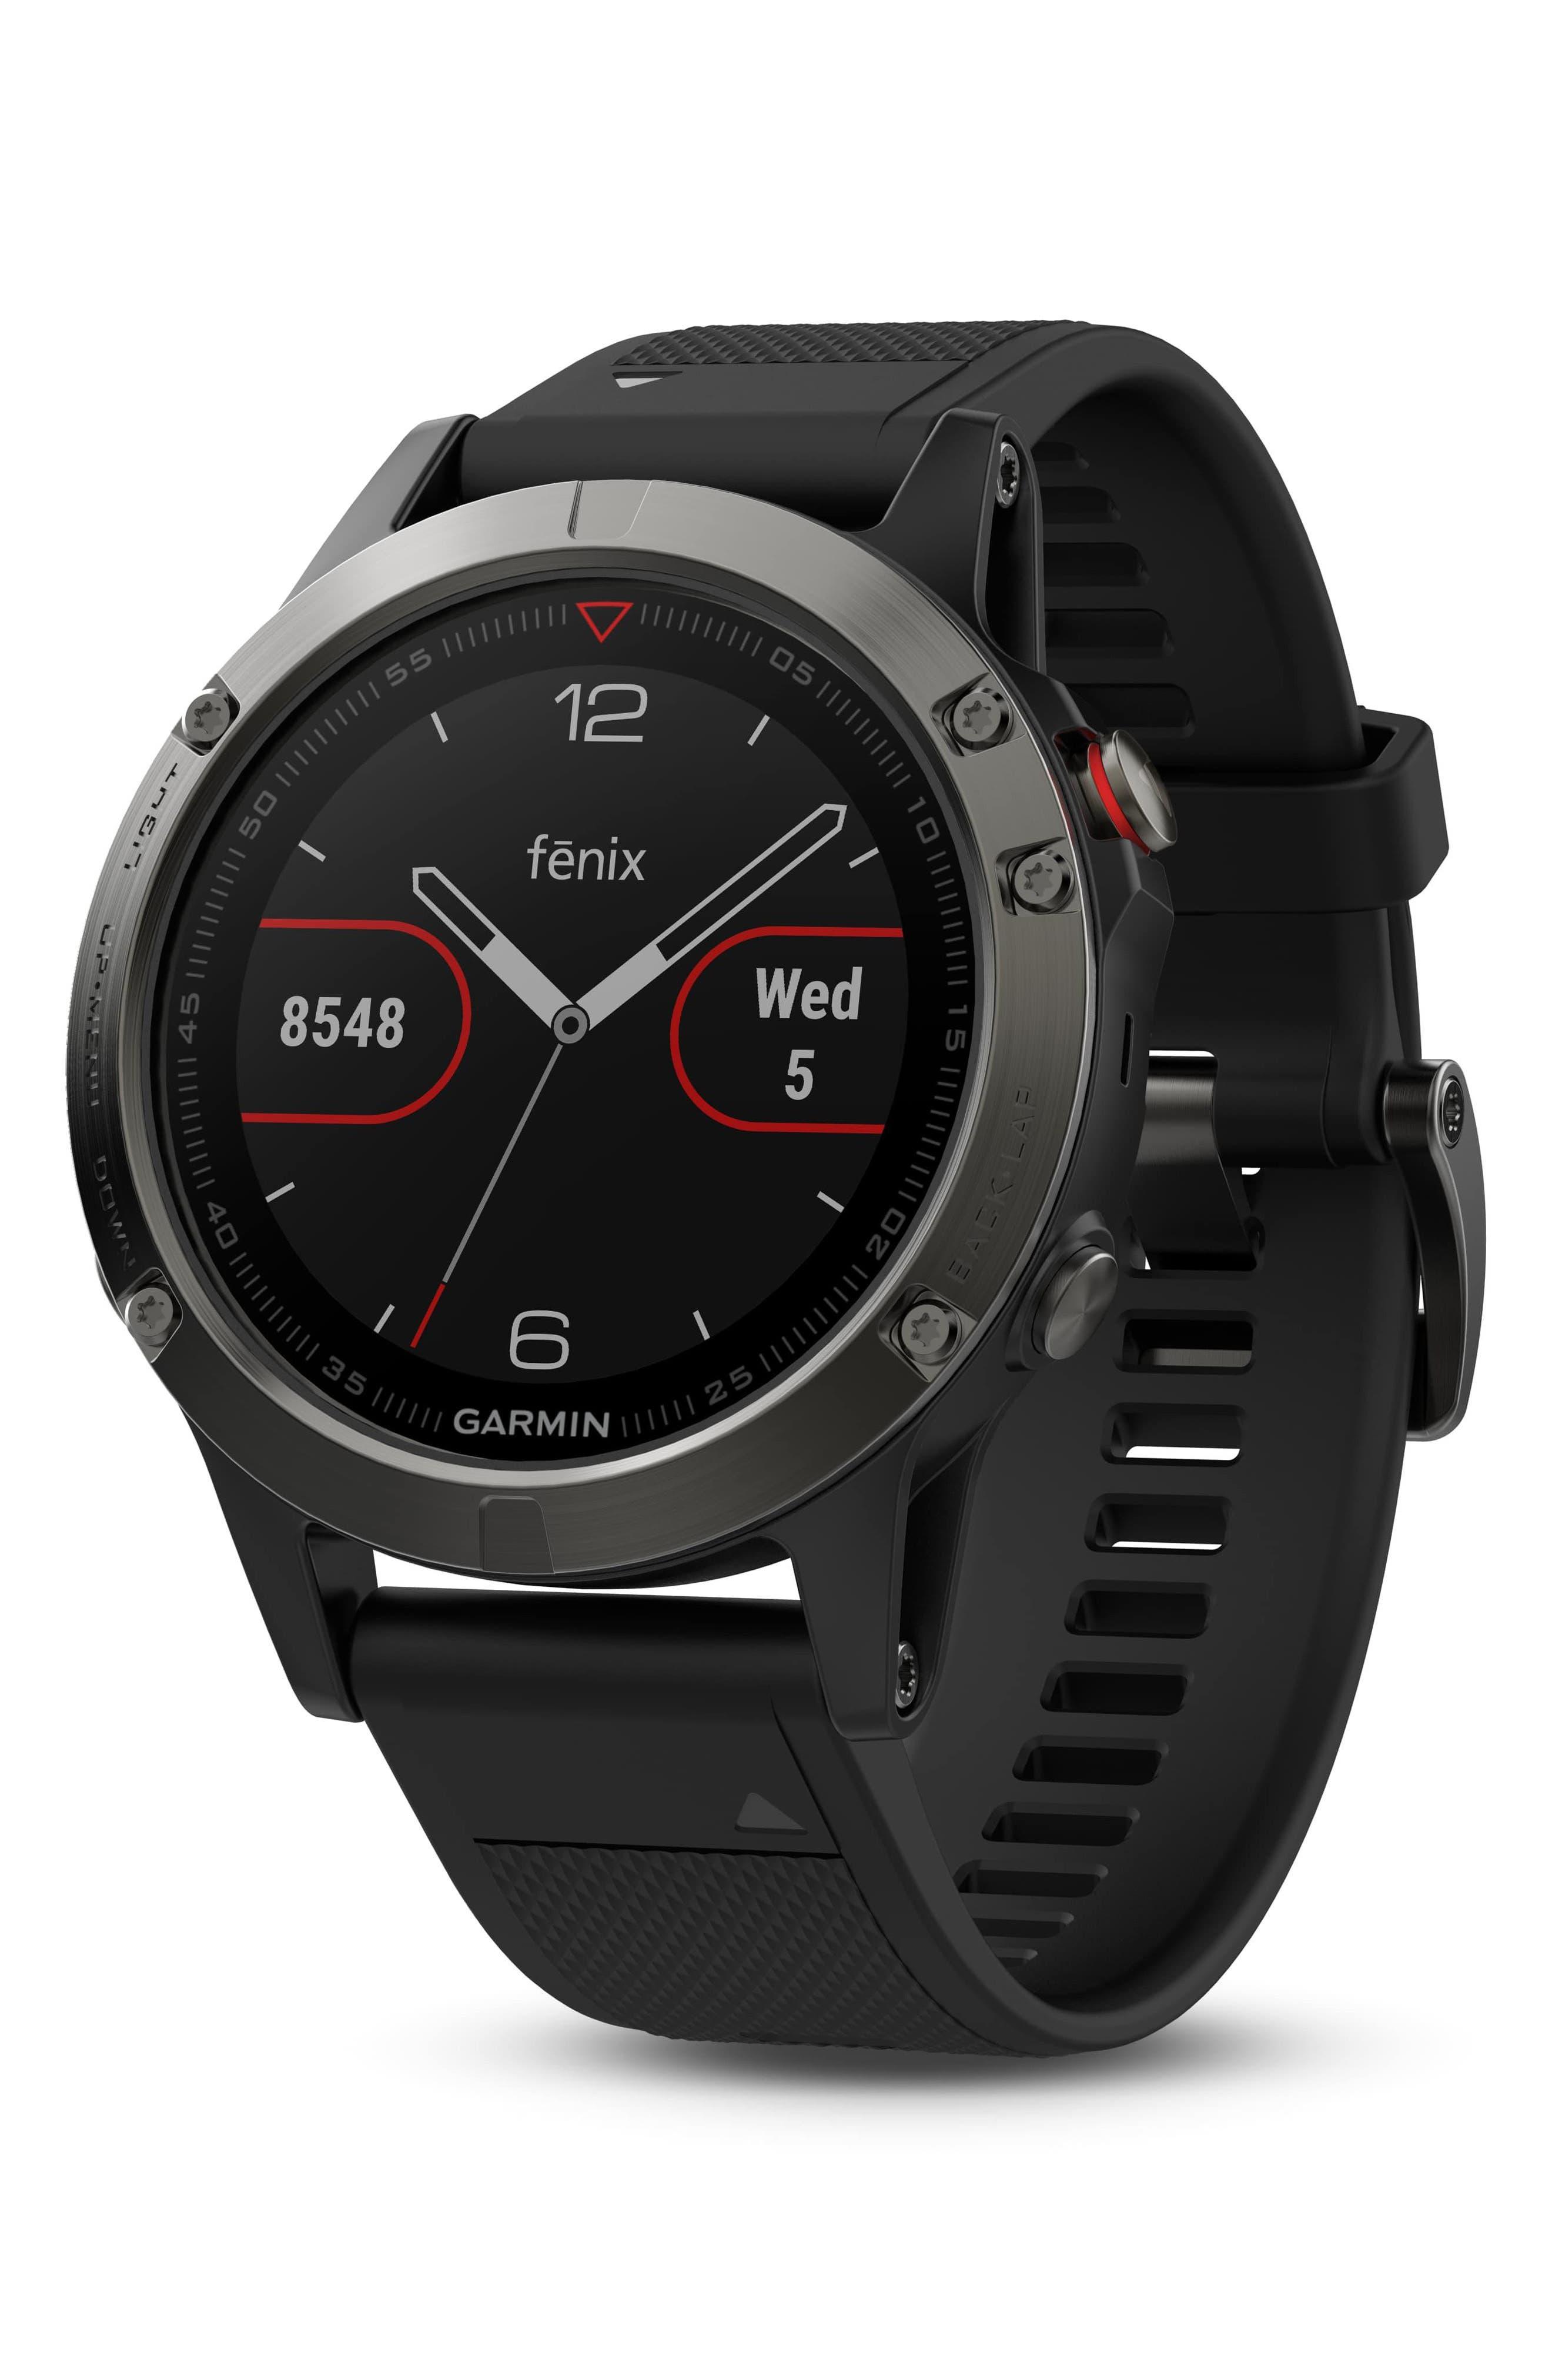 Men's Men's Men's Watches Smart AccessoriesNordstrom Smart AccessoriesNordstrom Watches b67IfYgvy